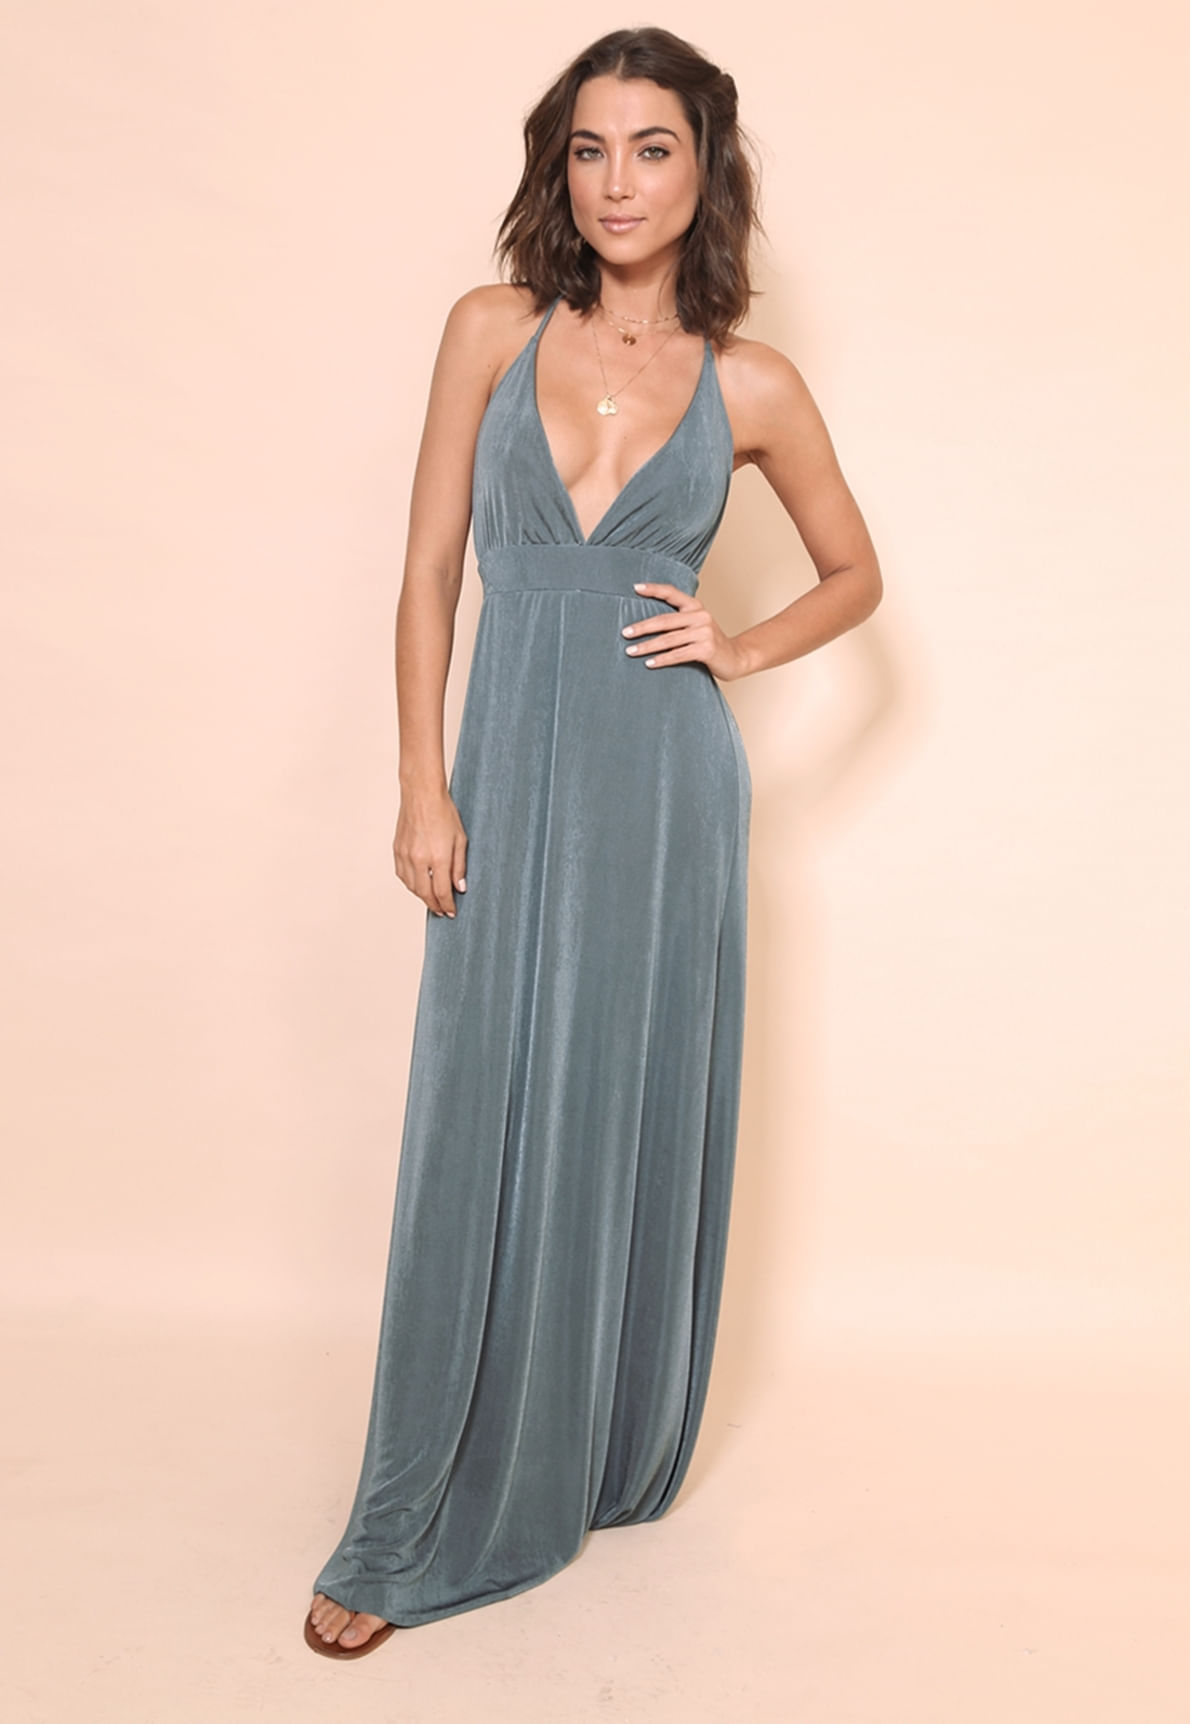 21303-vestido-longo-azul-dakota-01